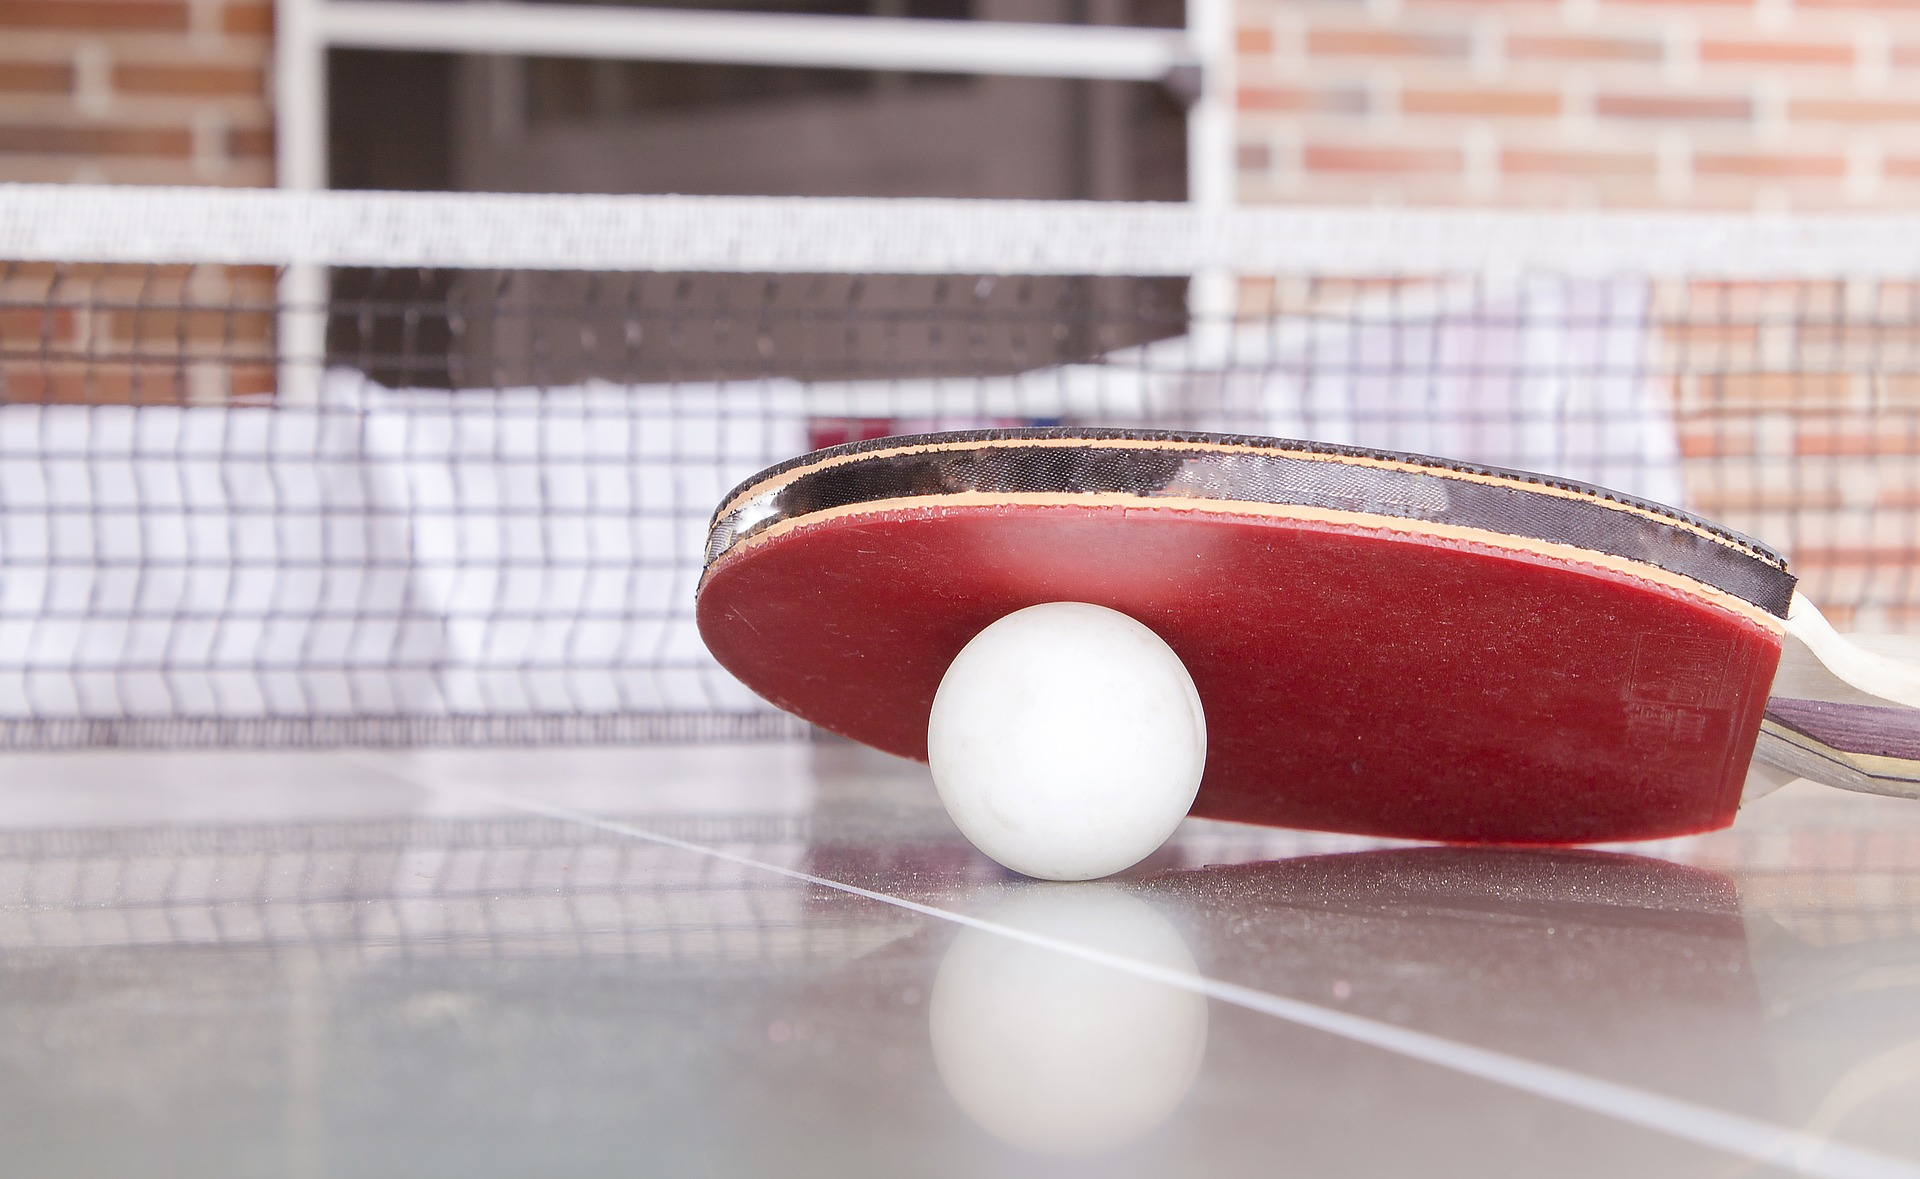 Ingolf Derkow Tischtennis Schläger, Ball und Netz